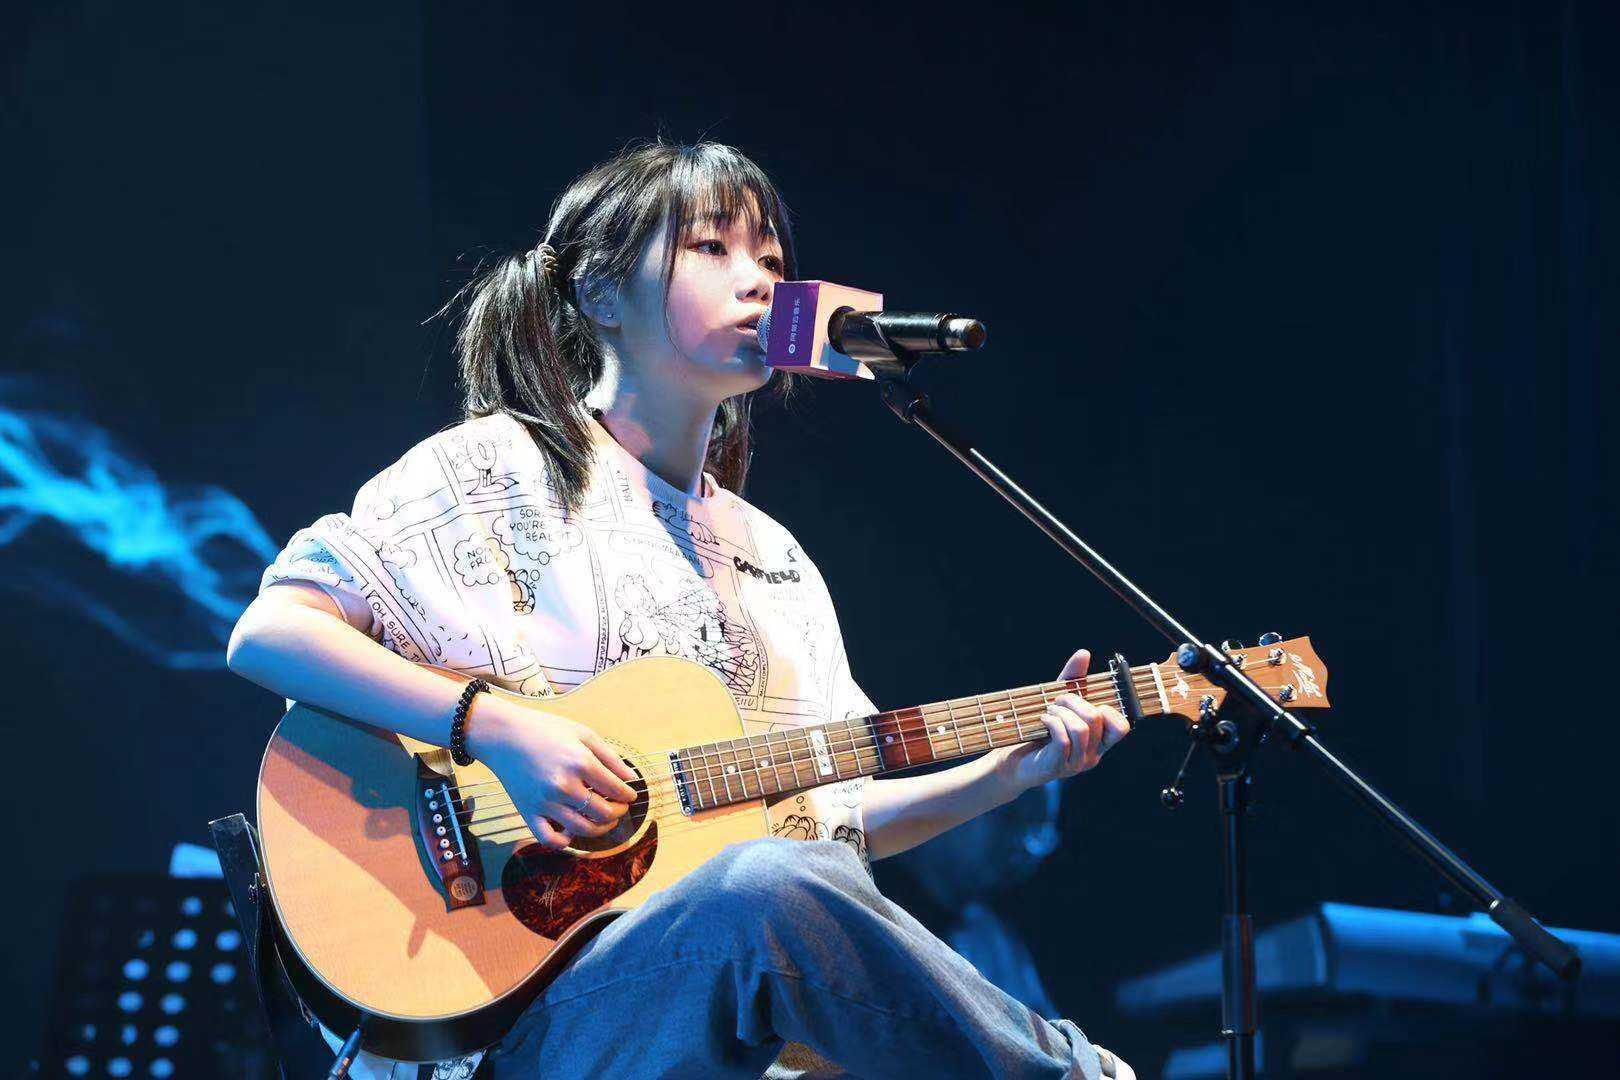 2019花粥天津演唱会时间、地点、门票预订